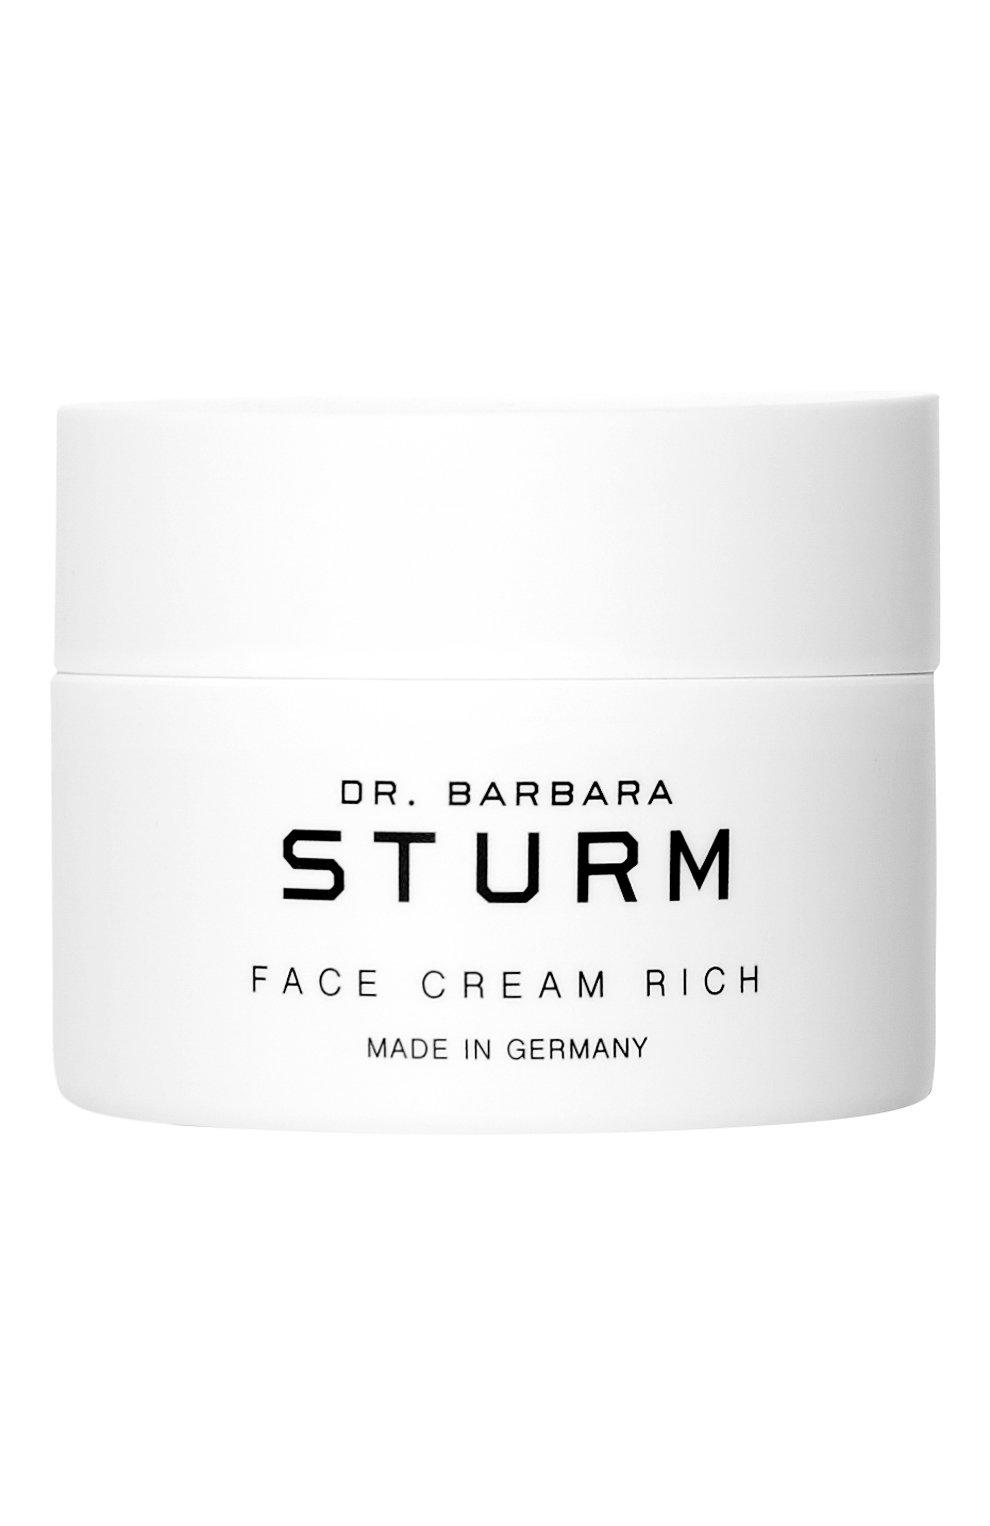 Крем для лица обогащенный, разглаживающий, увлажняющий и смягчающий DR. BARBARA STURM бесцветного цвета, арт. 4015165402091 | Фото 1 (Статус проверки: Проверена категория)